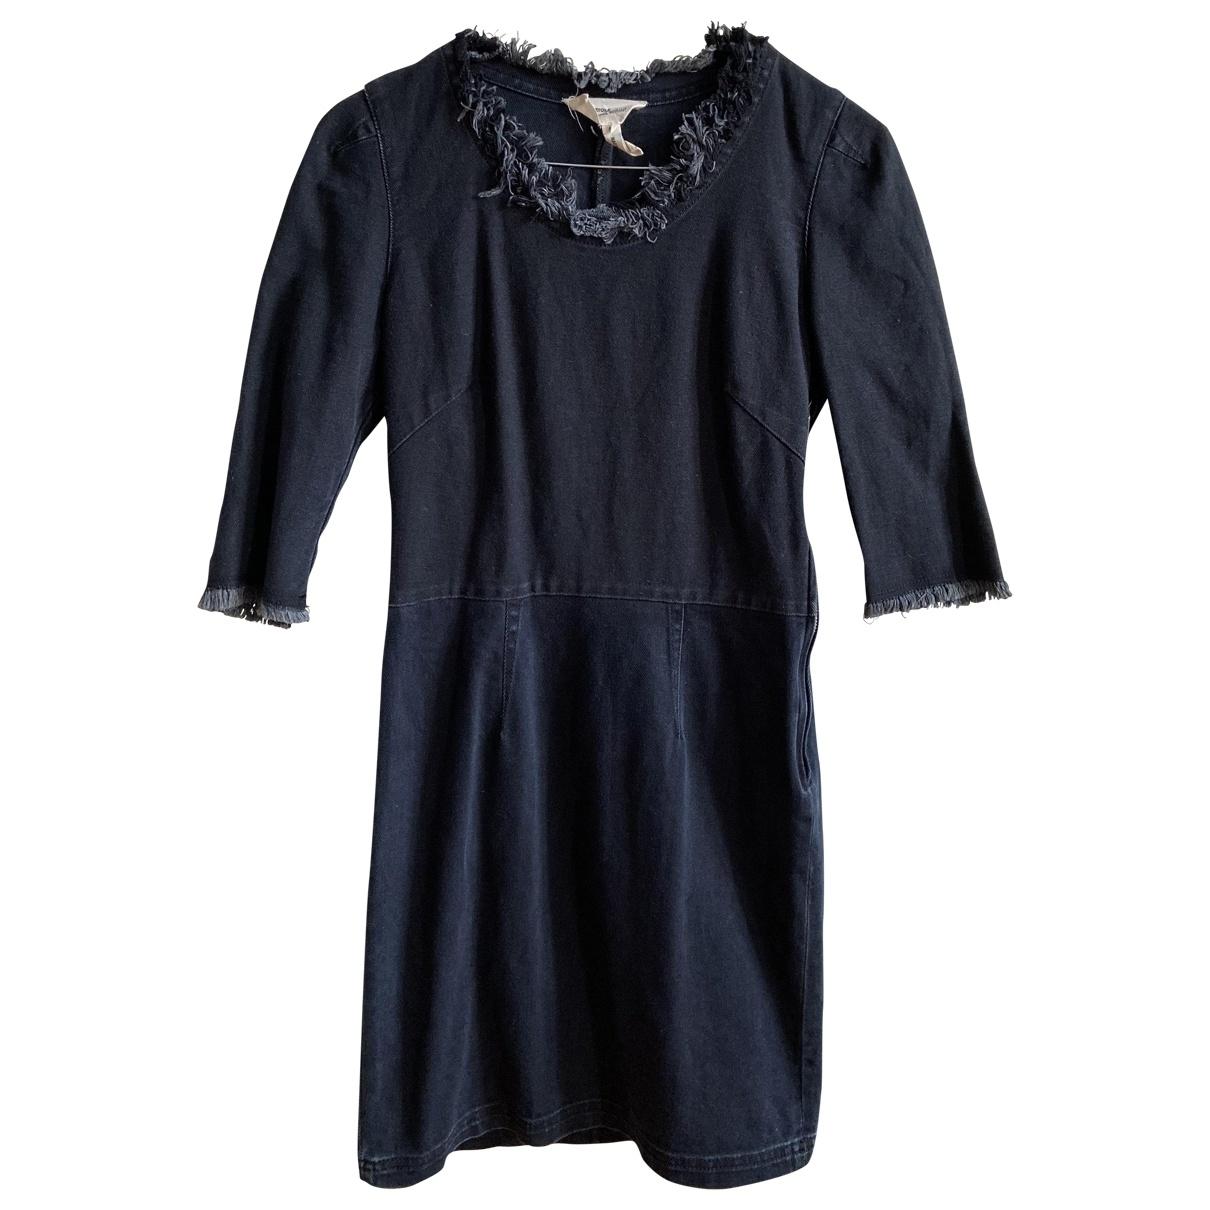 Isabel Marant Etoile \N Blue Denim - Jeans dress for Women 0 0-5